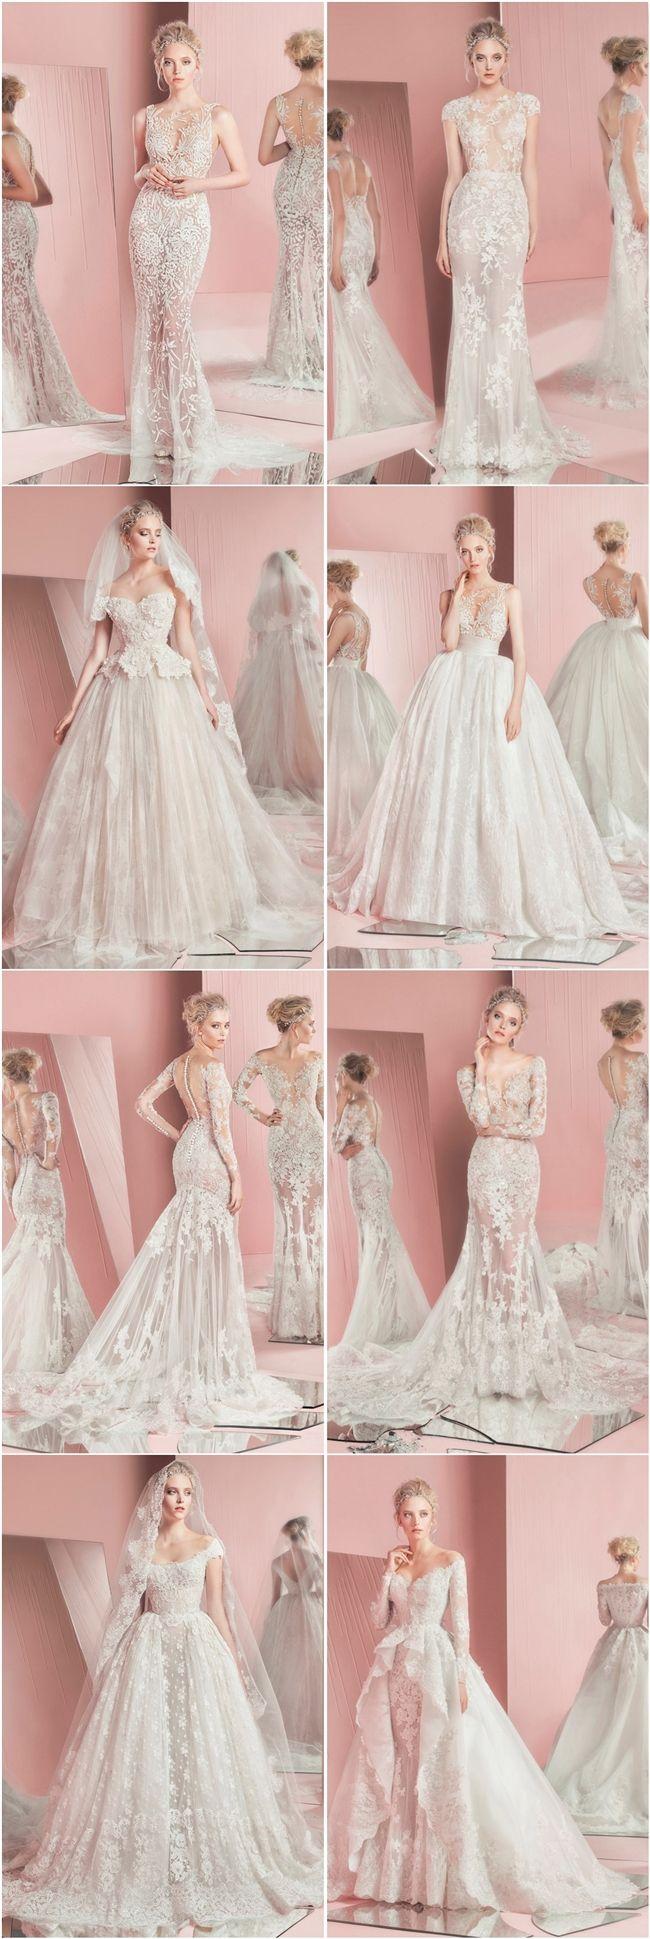 Zuhair Murad Bridal Spring 2016 Wedding Dresses | Vestidos de novia ...